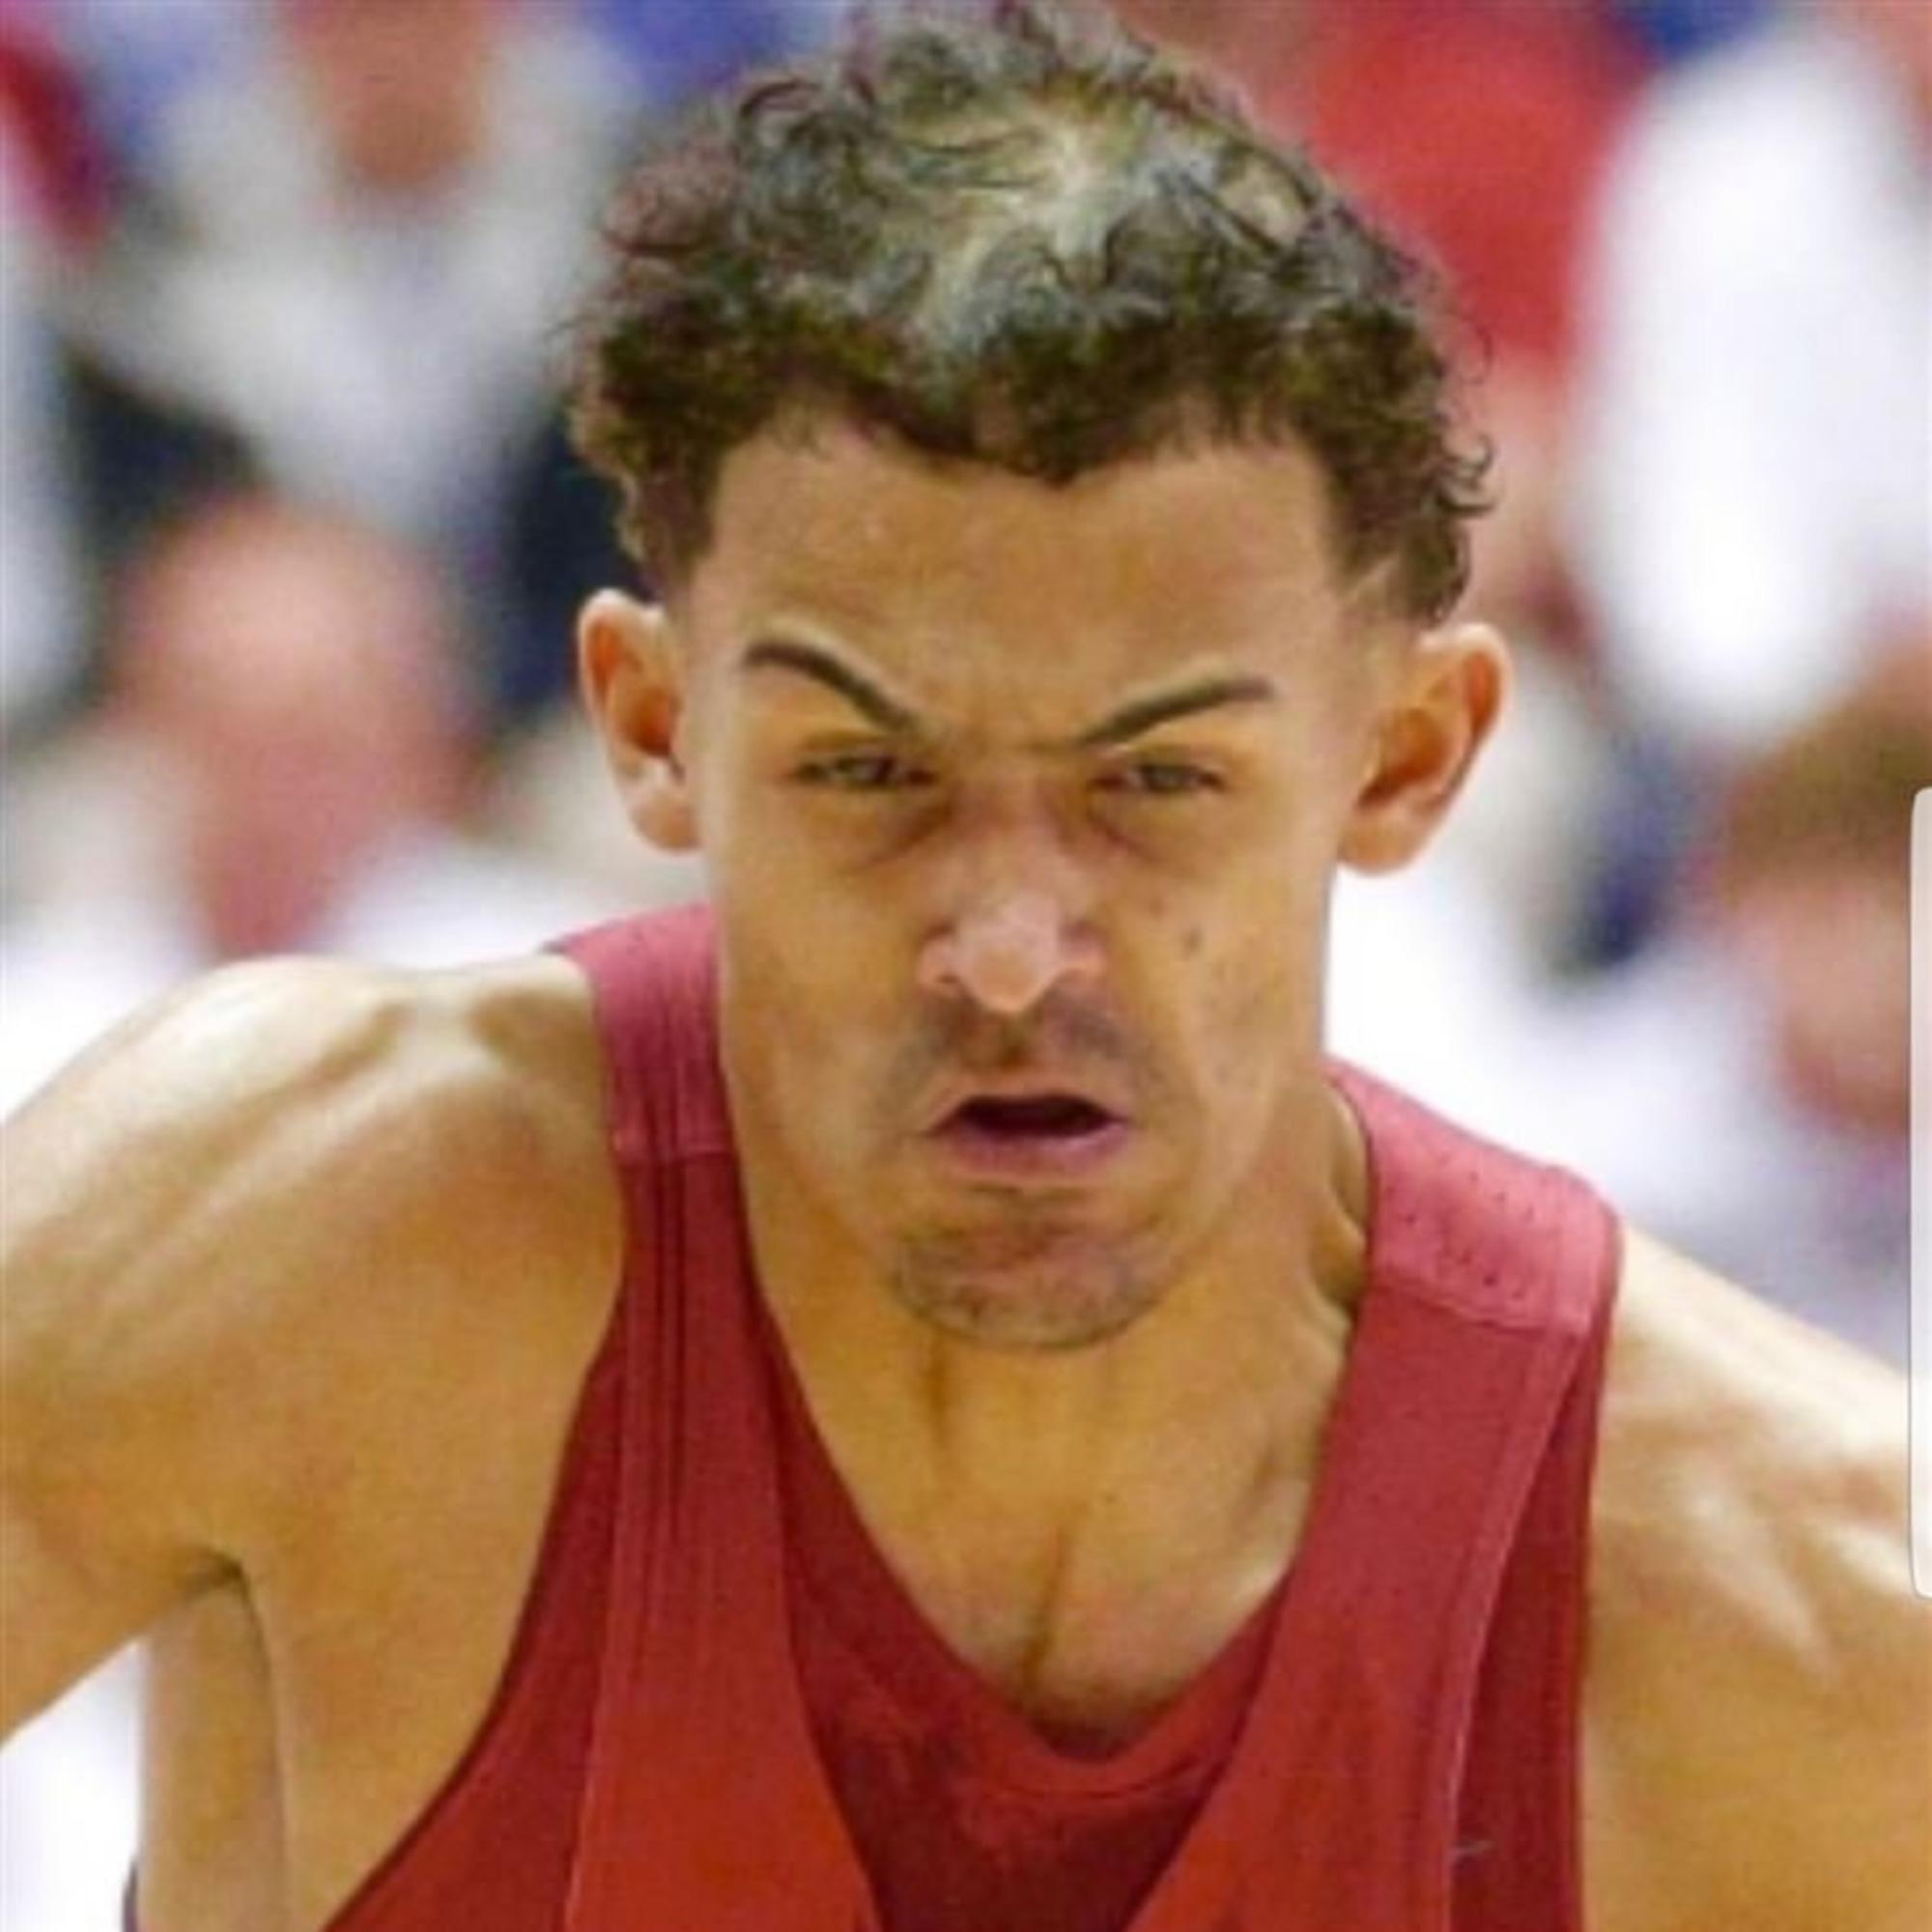 Hói đầu, rụng tóc: Cái giá để trở nên vĩ đại của siêu sao NBA - Ảnh 8.